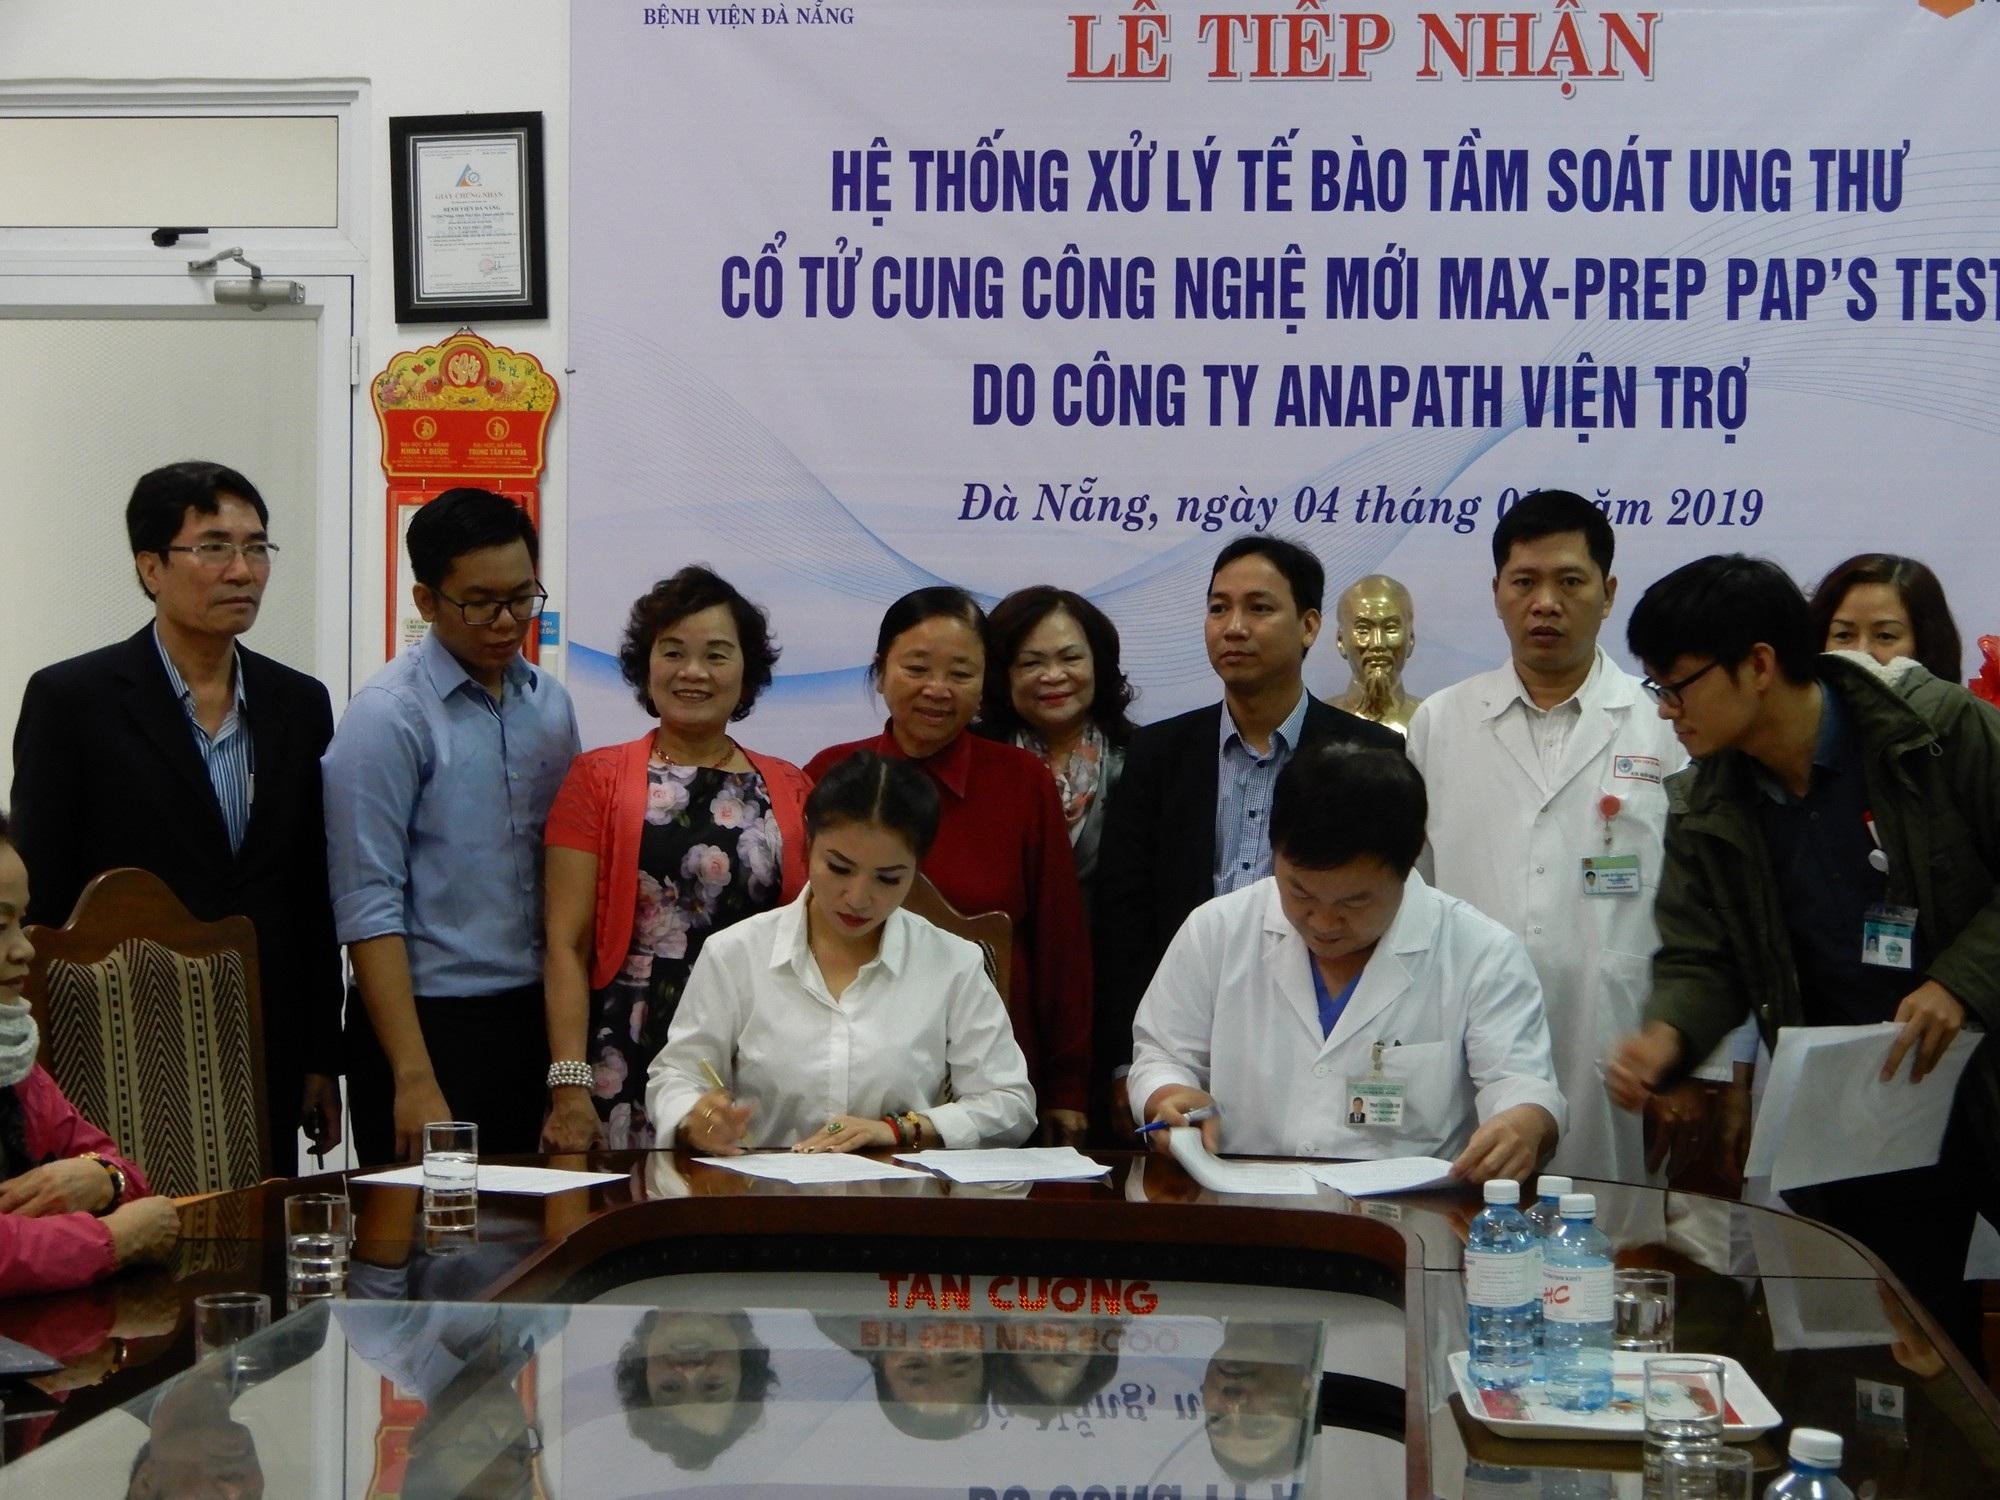 Bệnh viện Đà Nẵng tiếp nhận hệ thống tầm soát tế bào ung thư cổ tử cung - Ảnh 1.